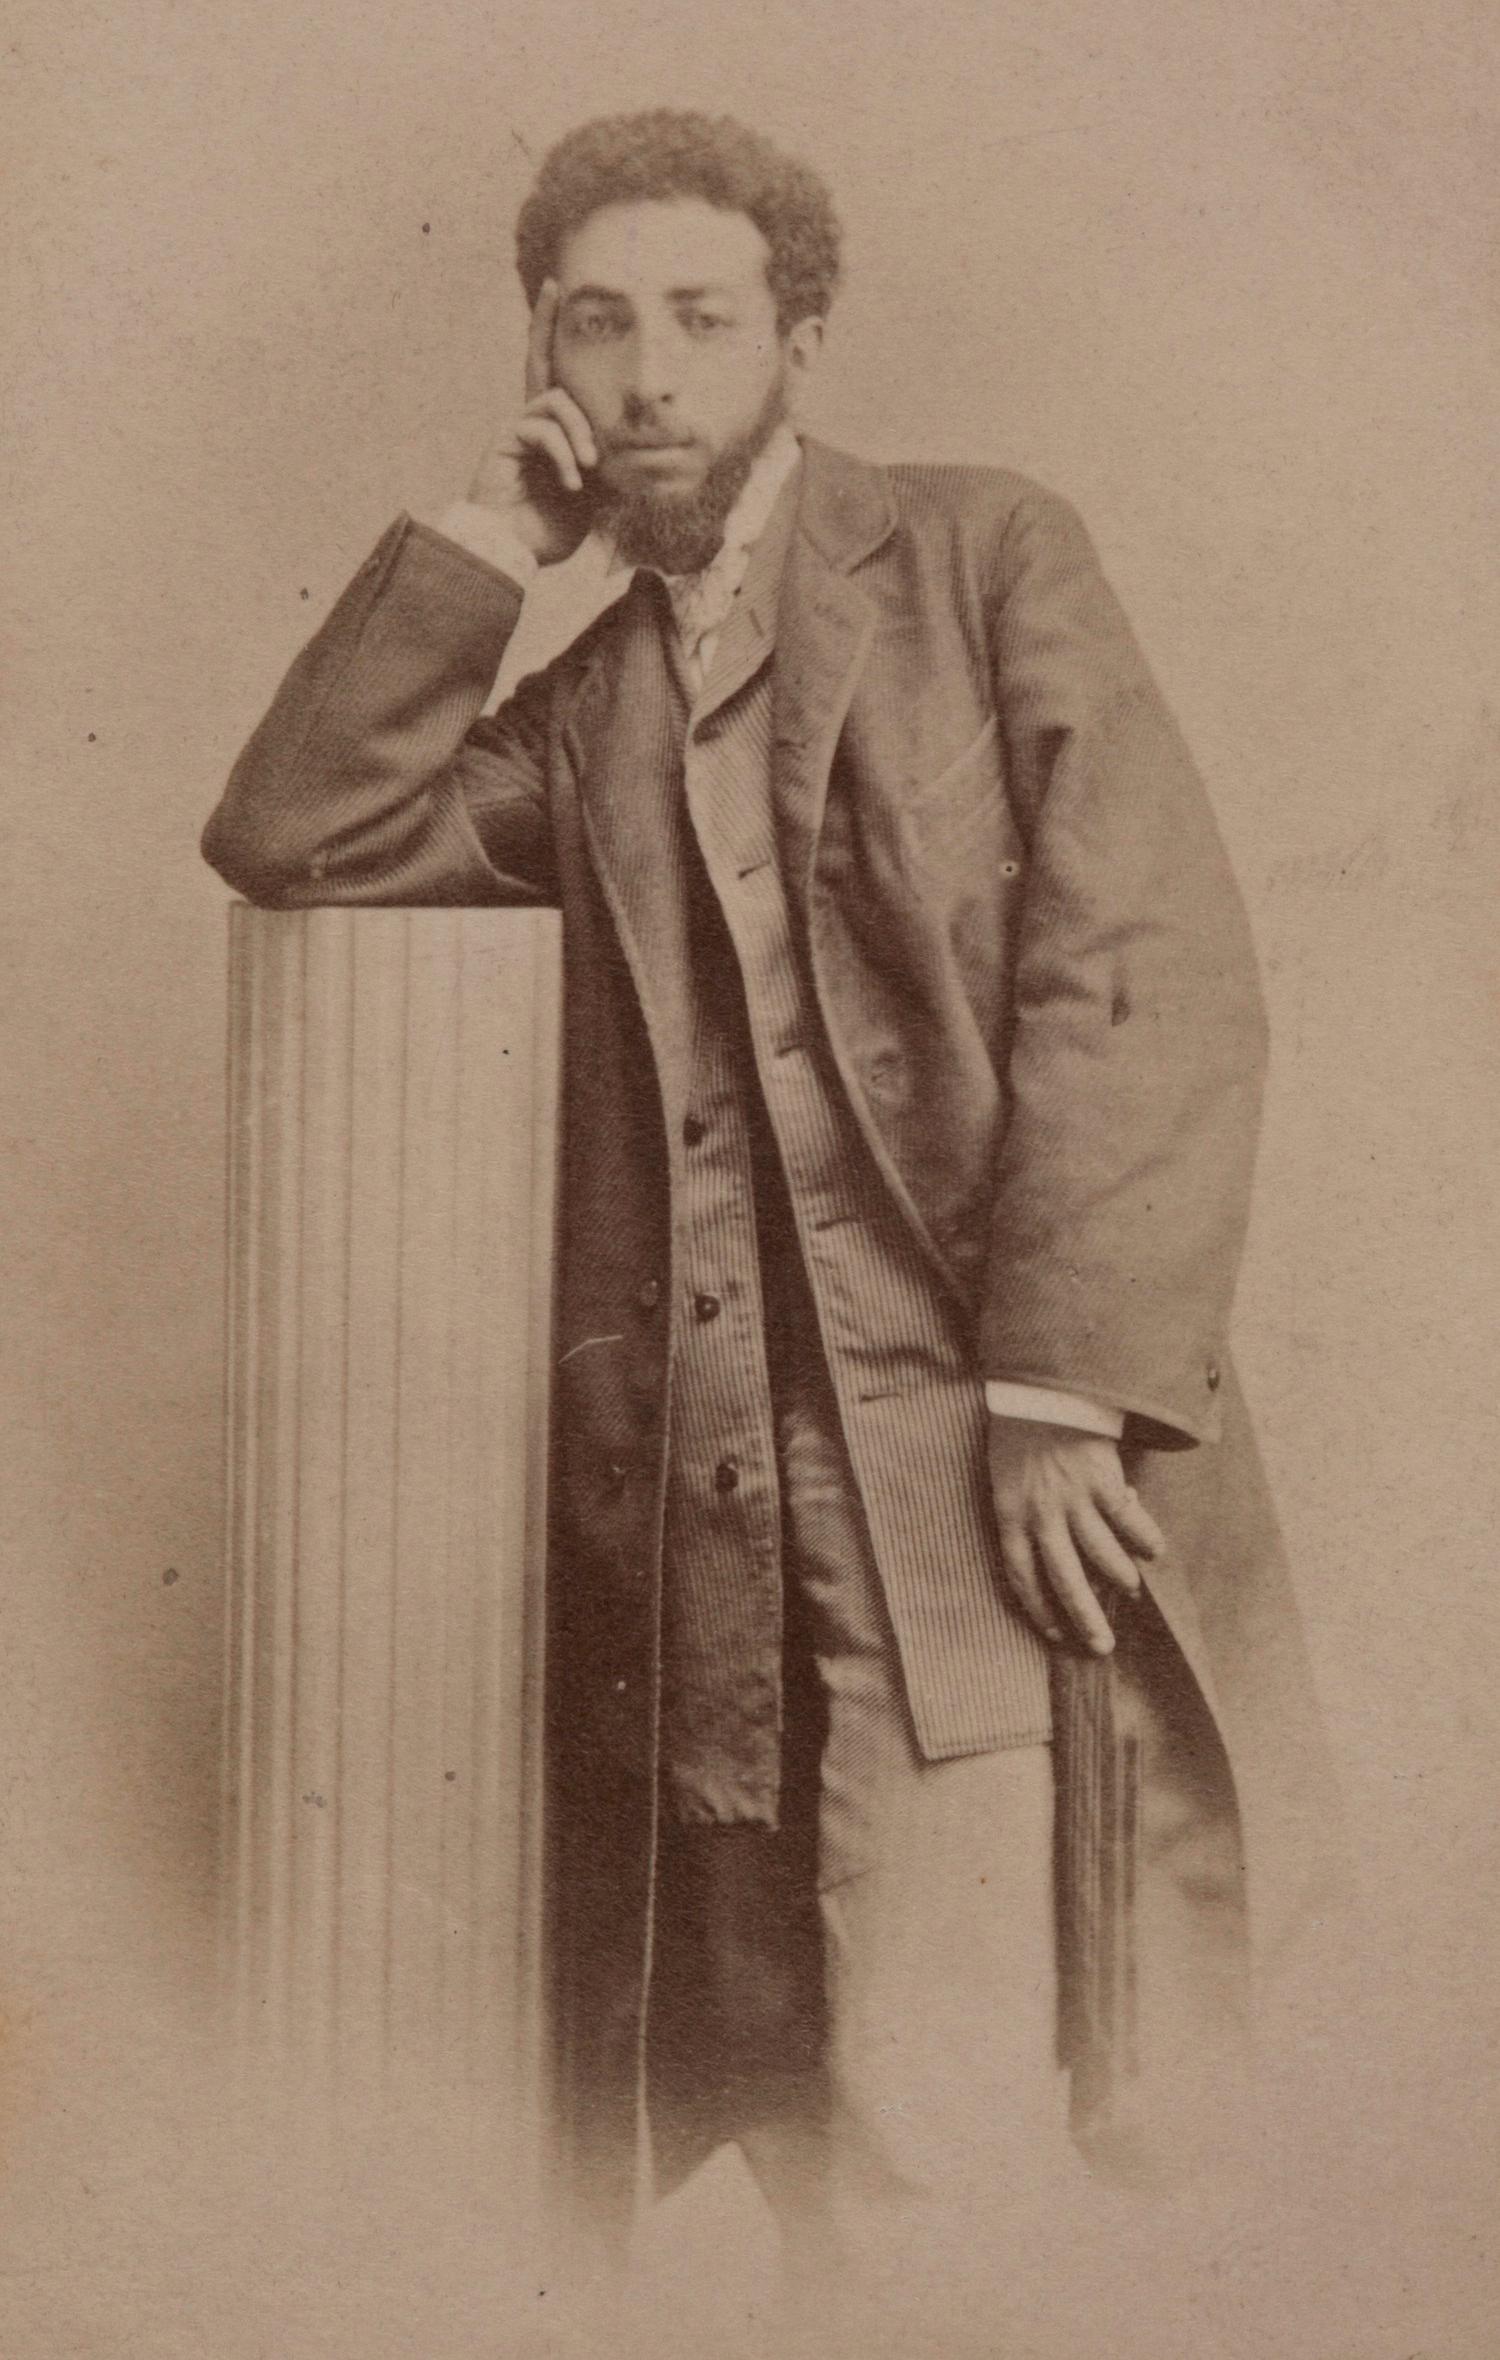 Zdjęcie portretowe Maurycego Gottlieba, źródło: Muzeum Narodowe w Krakowie